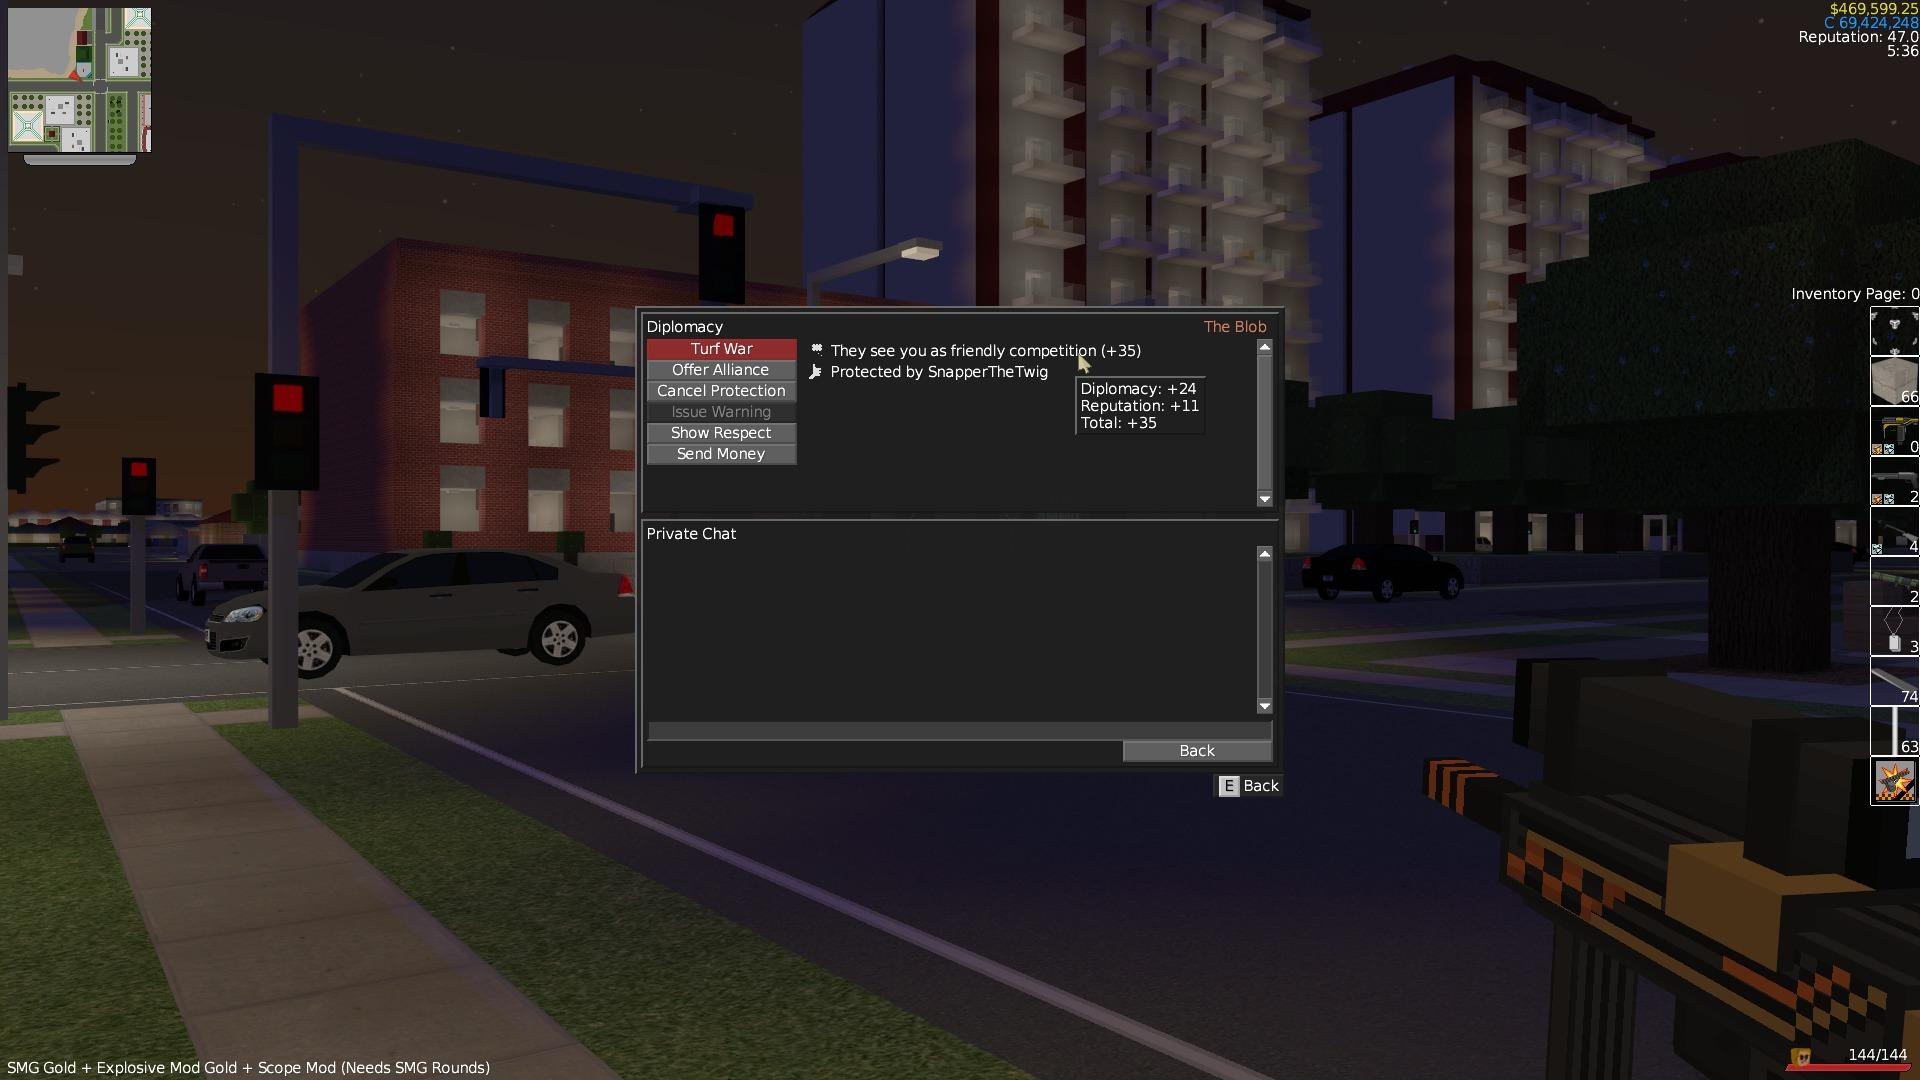 screenshot-1502081616707.jpg